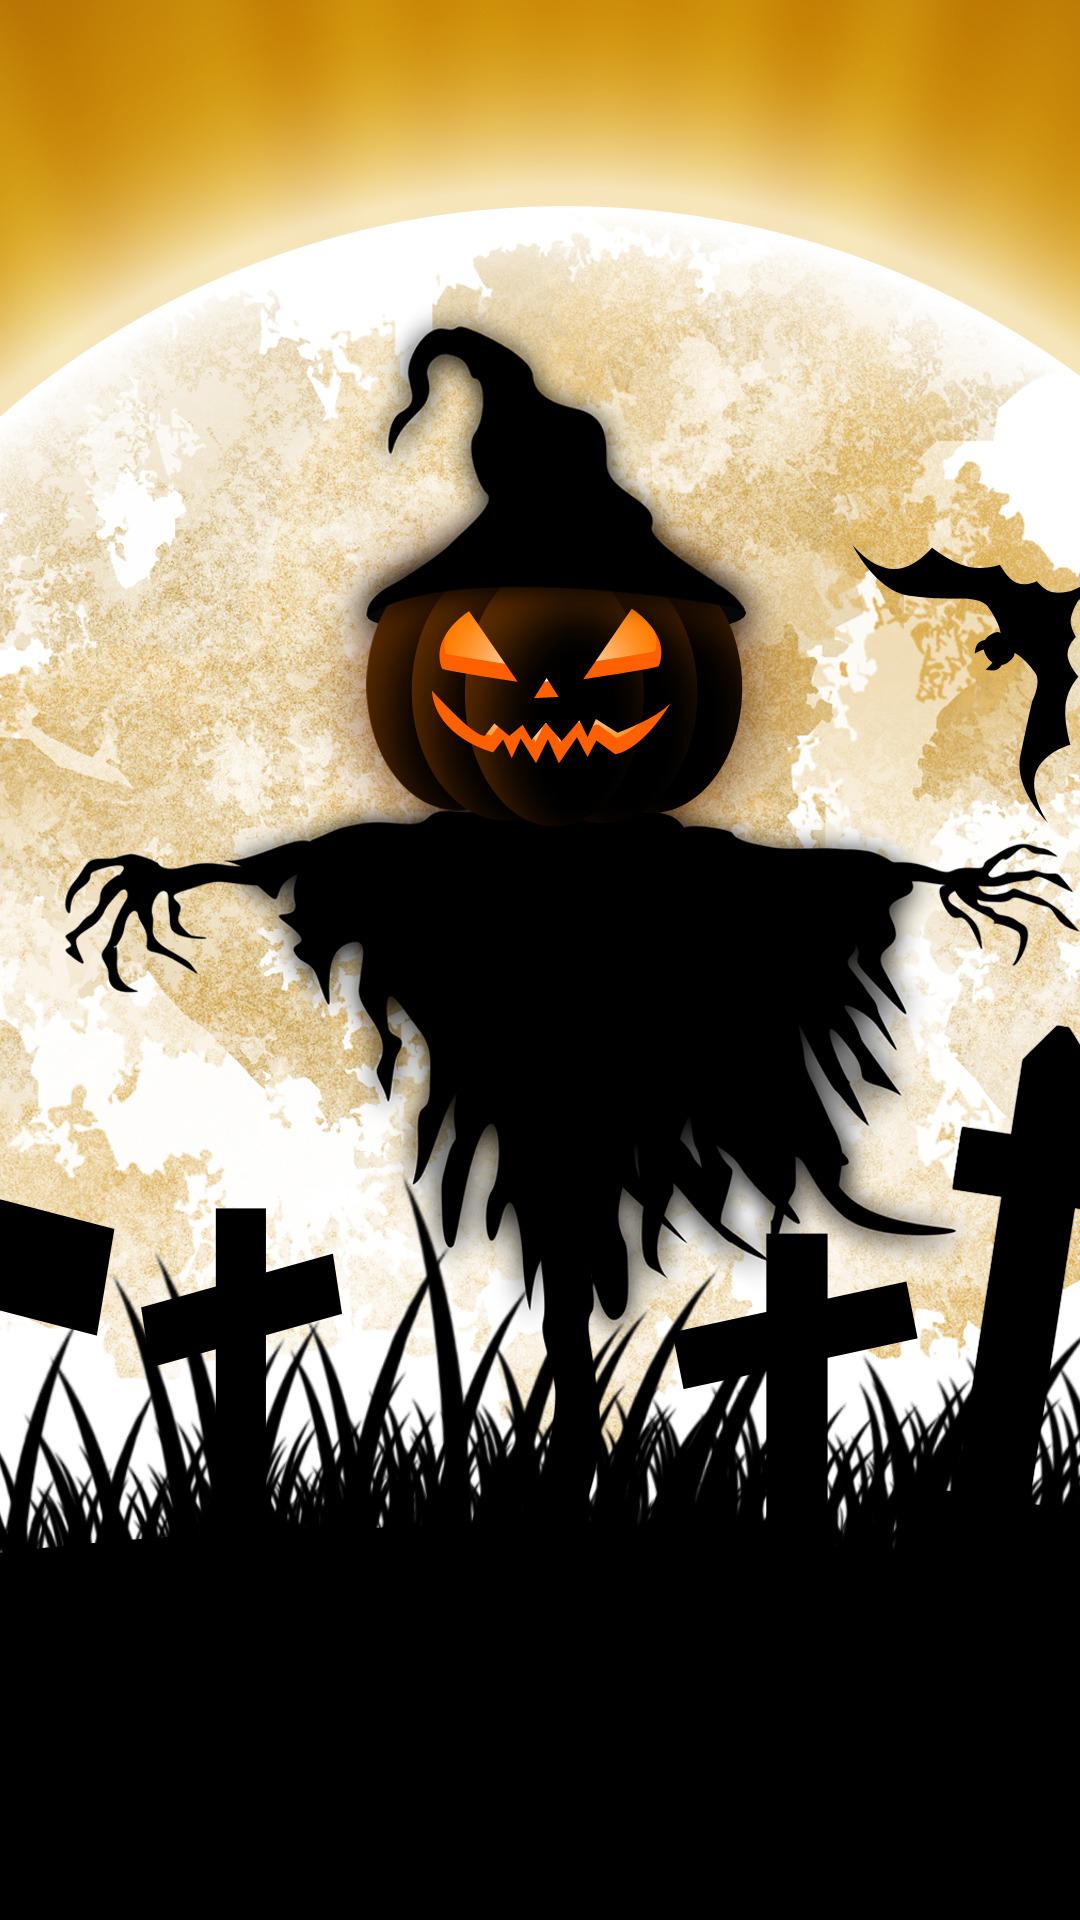 Halloween, ke lexuar të gjitha, por këtë jo…